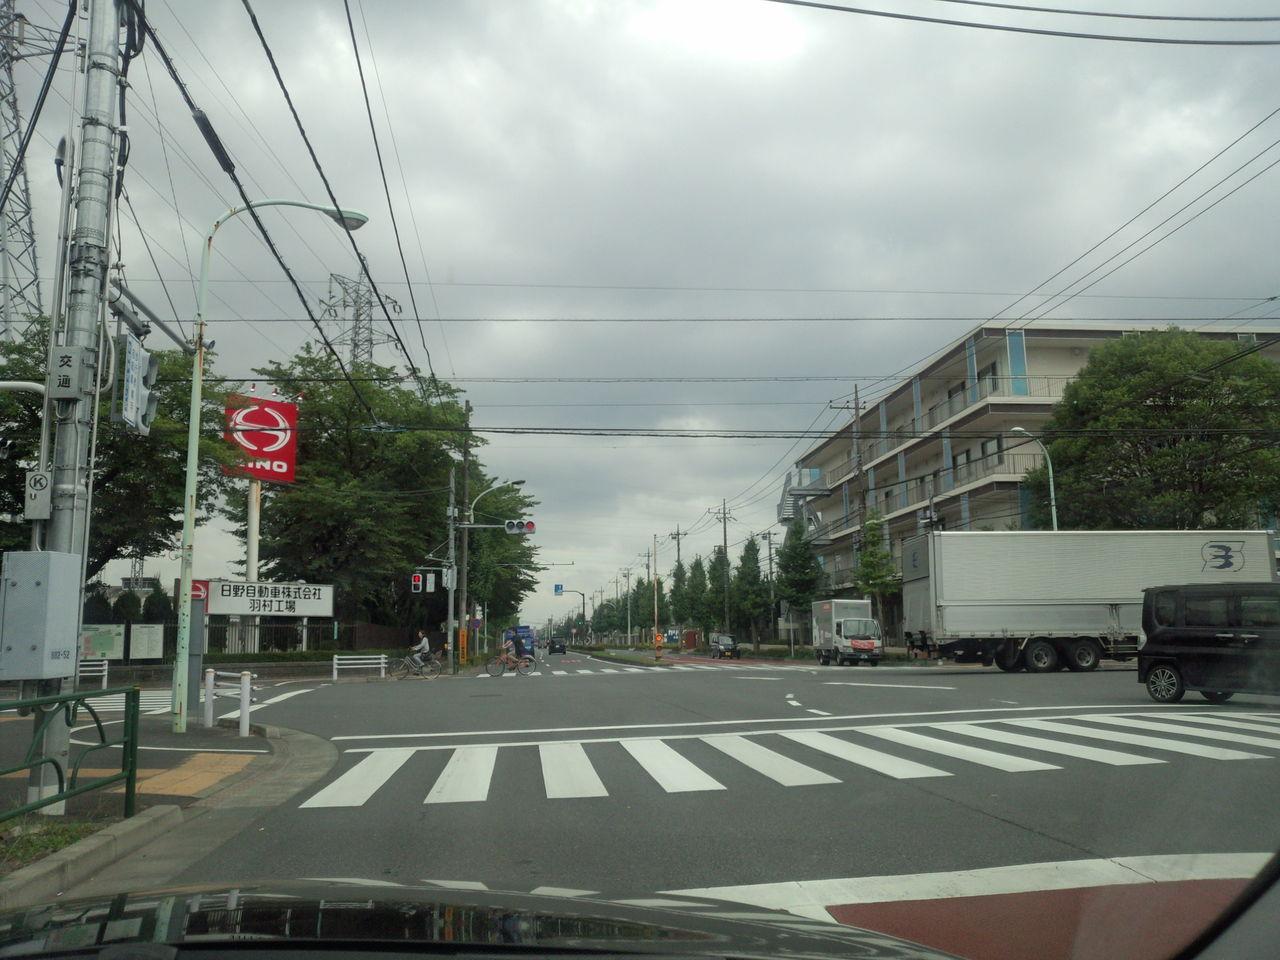 都道249号福生青梅線(西多摩産業道路)ドライブレポート 福生市、羽村 ...